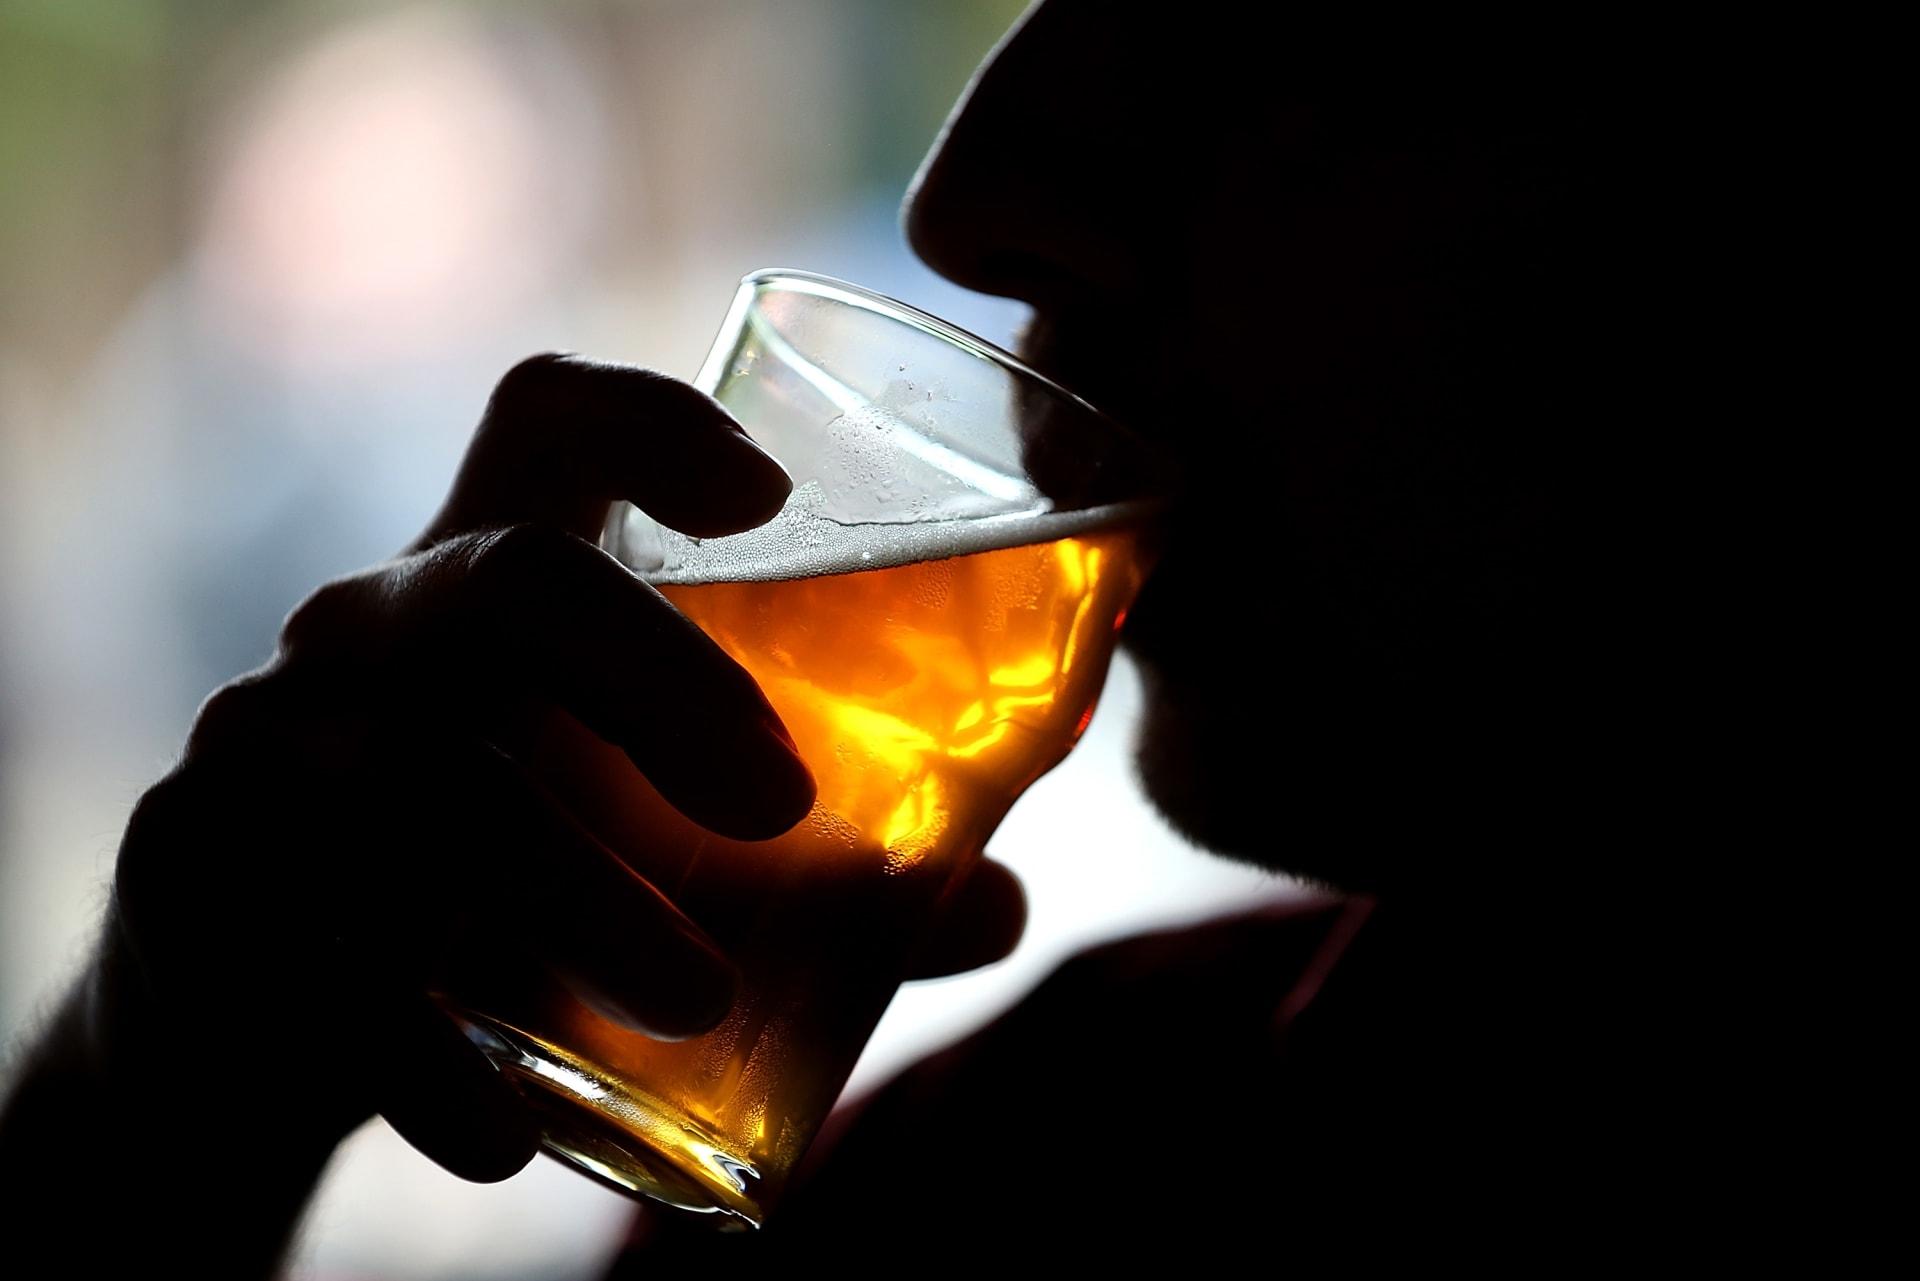 دراسة تربط بين شرب الآباء للكحول وصحة قلب الطفل قبل الولادة